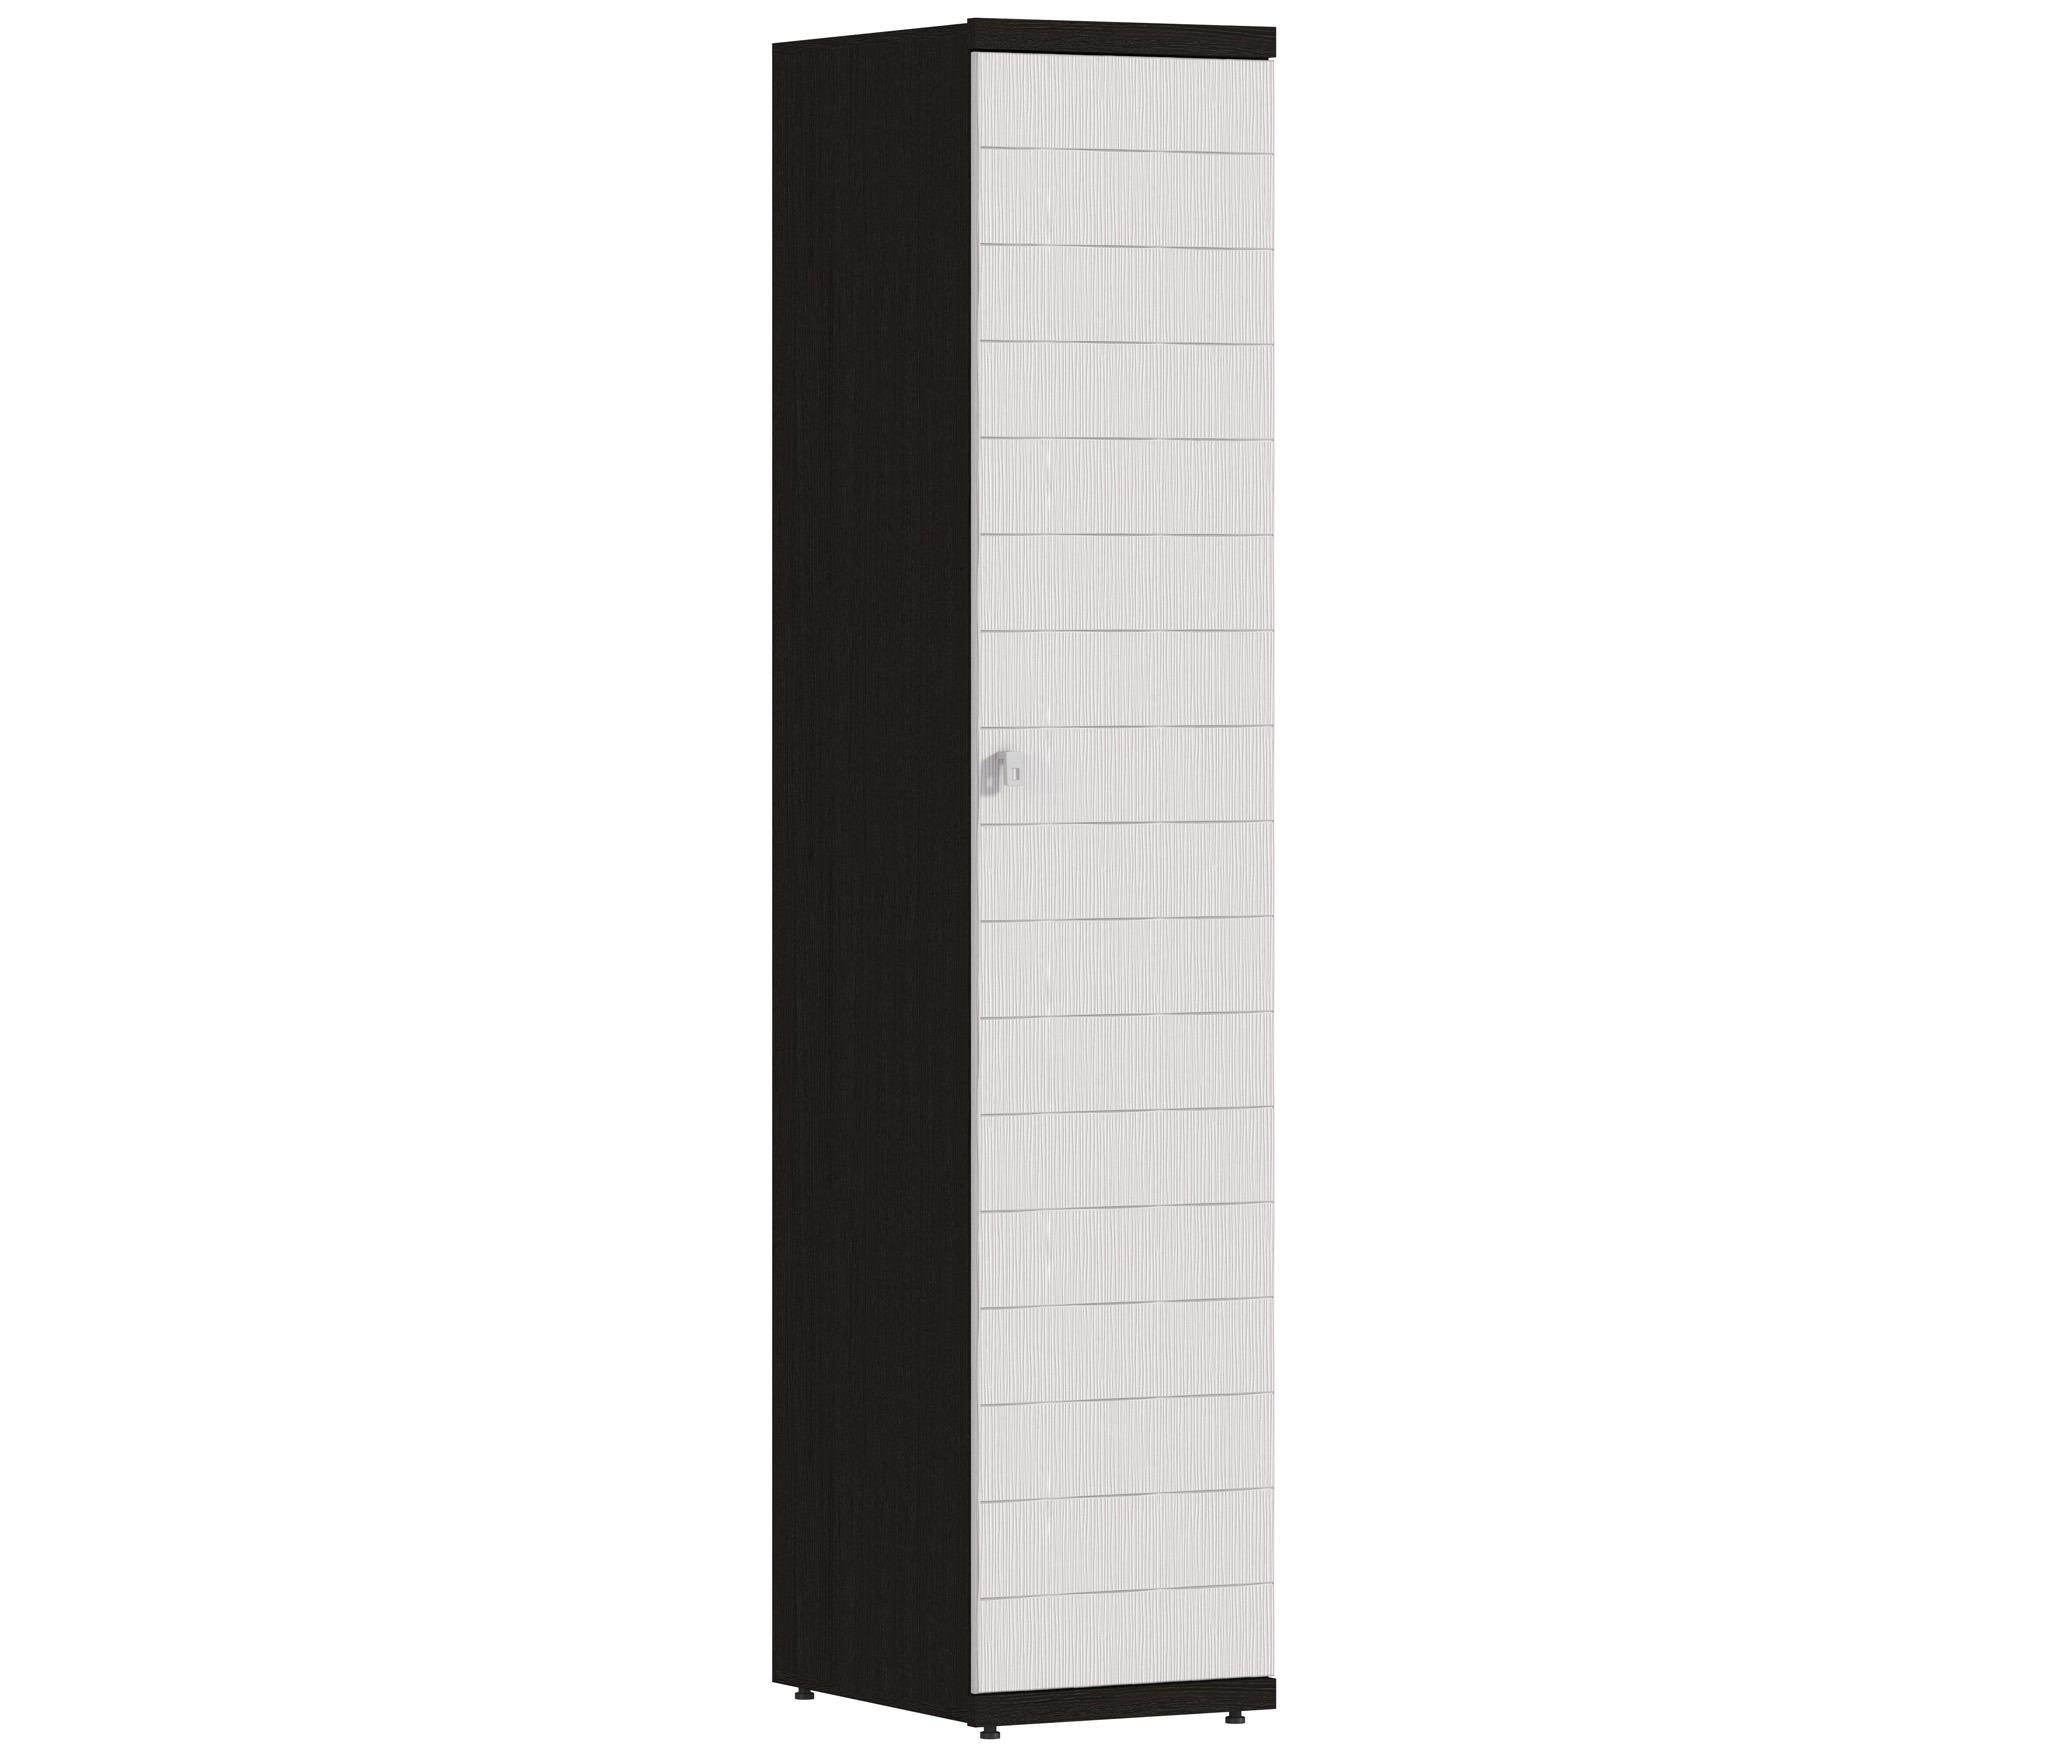 Гретта СБ-637 Шкаф однодверныйШкафы<br>Компактный однодверный шкаф для хранения одежды.<br><br>Длина мм: 450<br>Высота мм: 2241<br>Глубина мм: 580